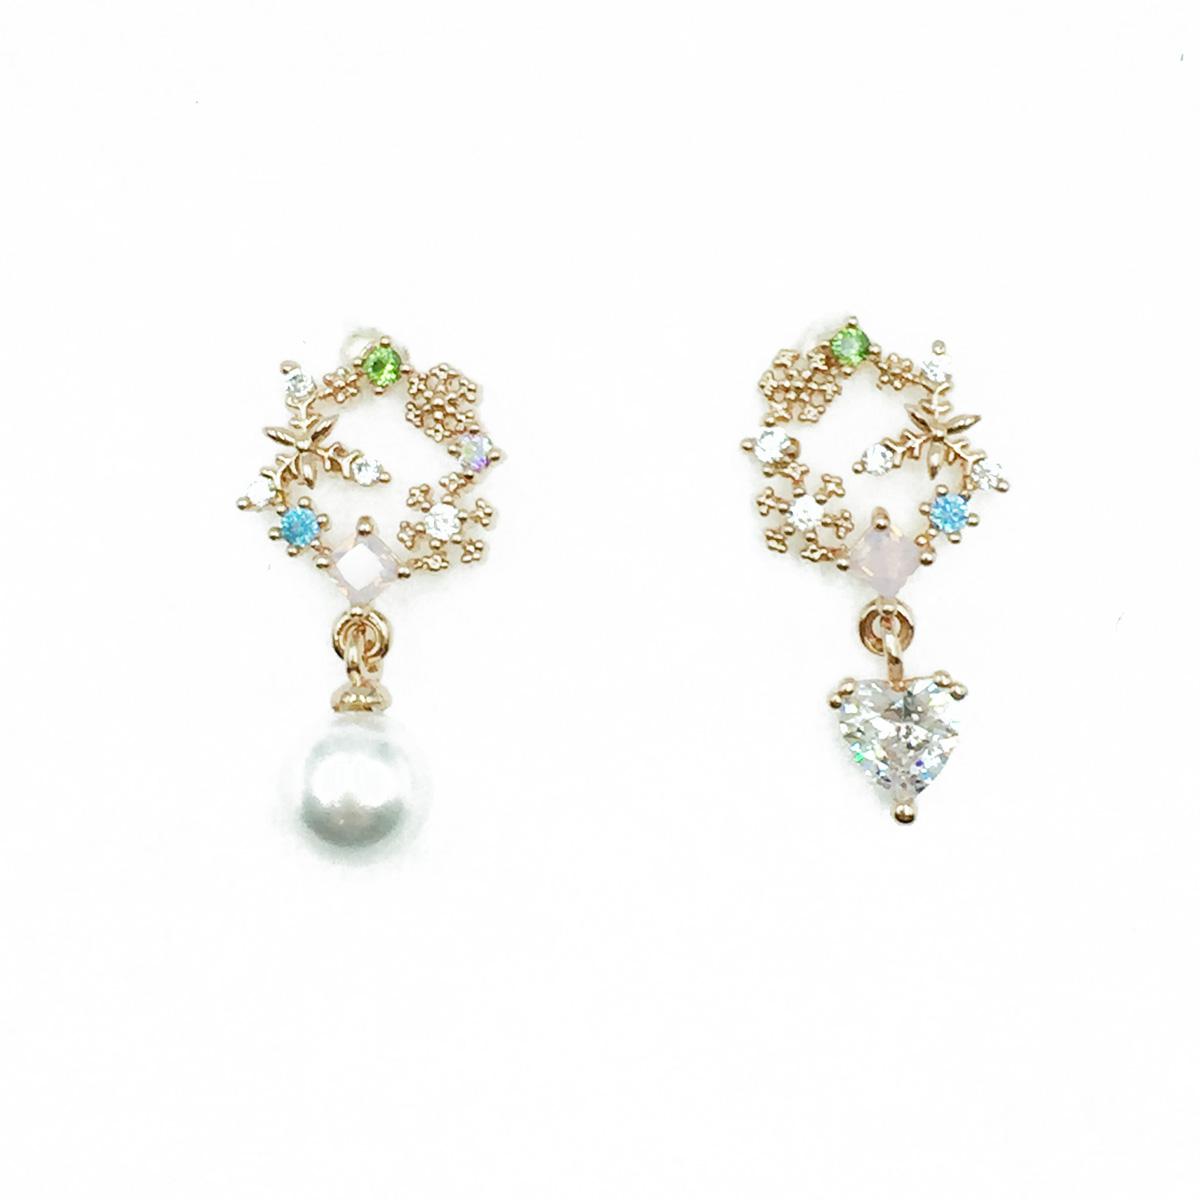 韓國 925純銀 水鑽 花圈 不對稱 珍珠 垂墜感 耳針式耳環